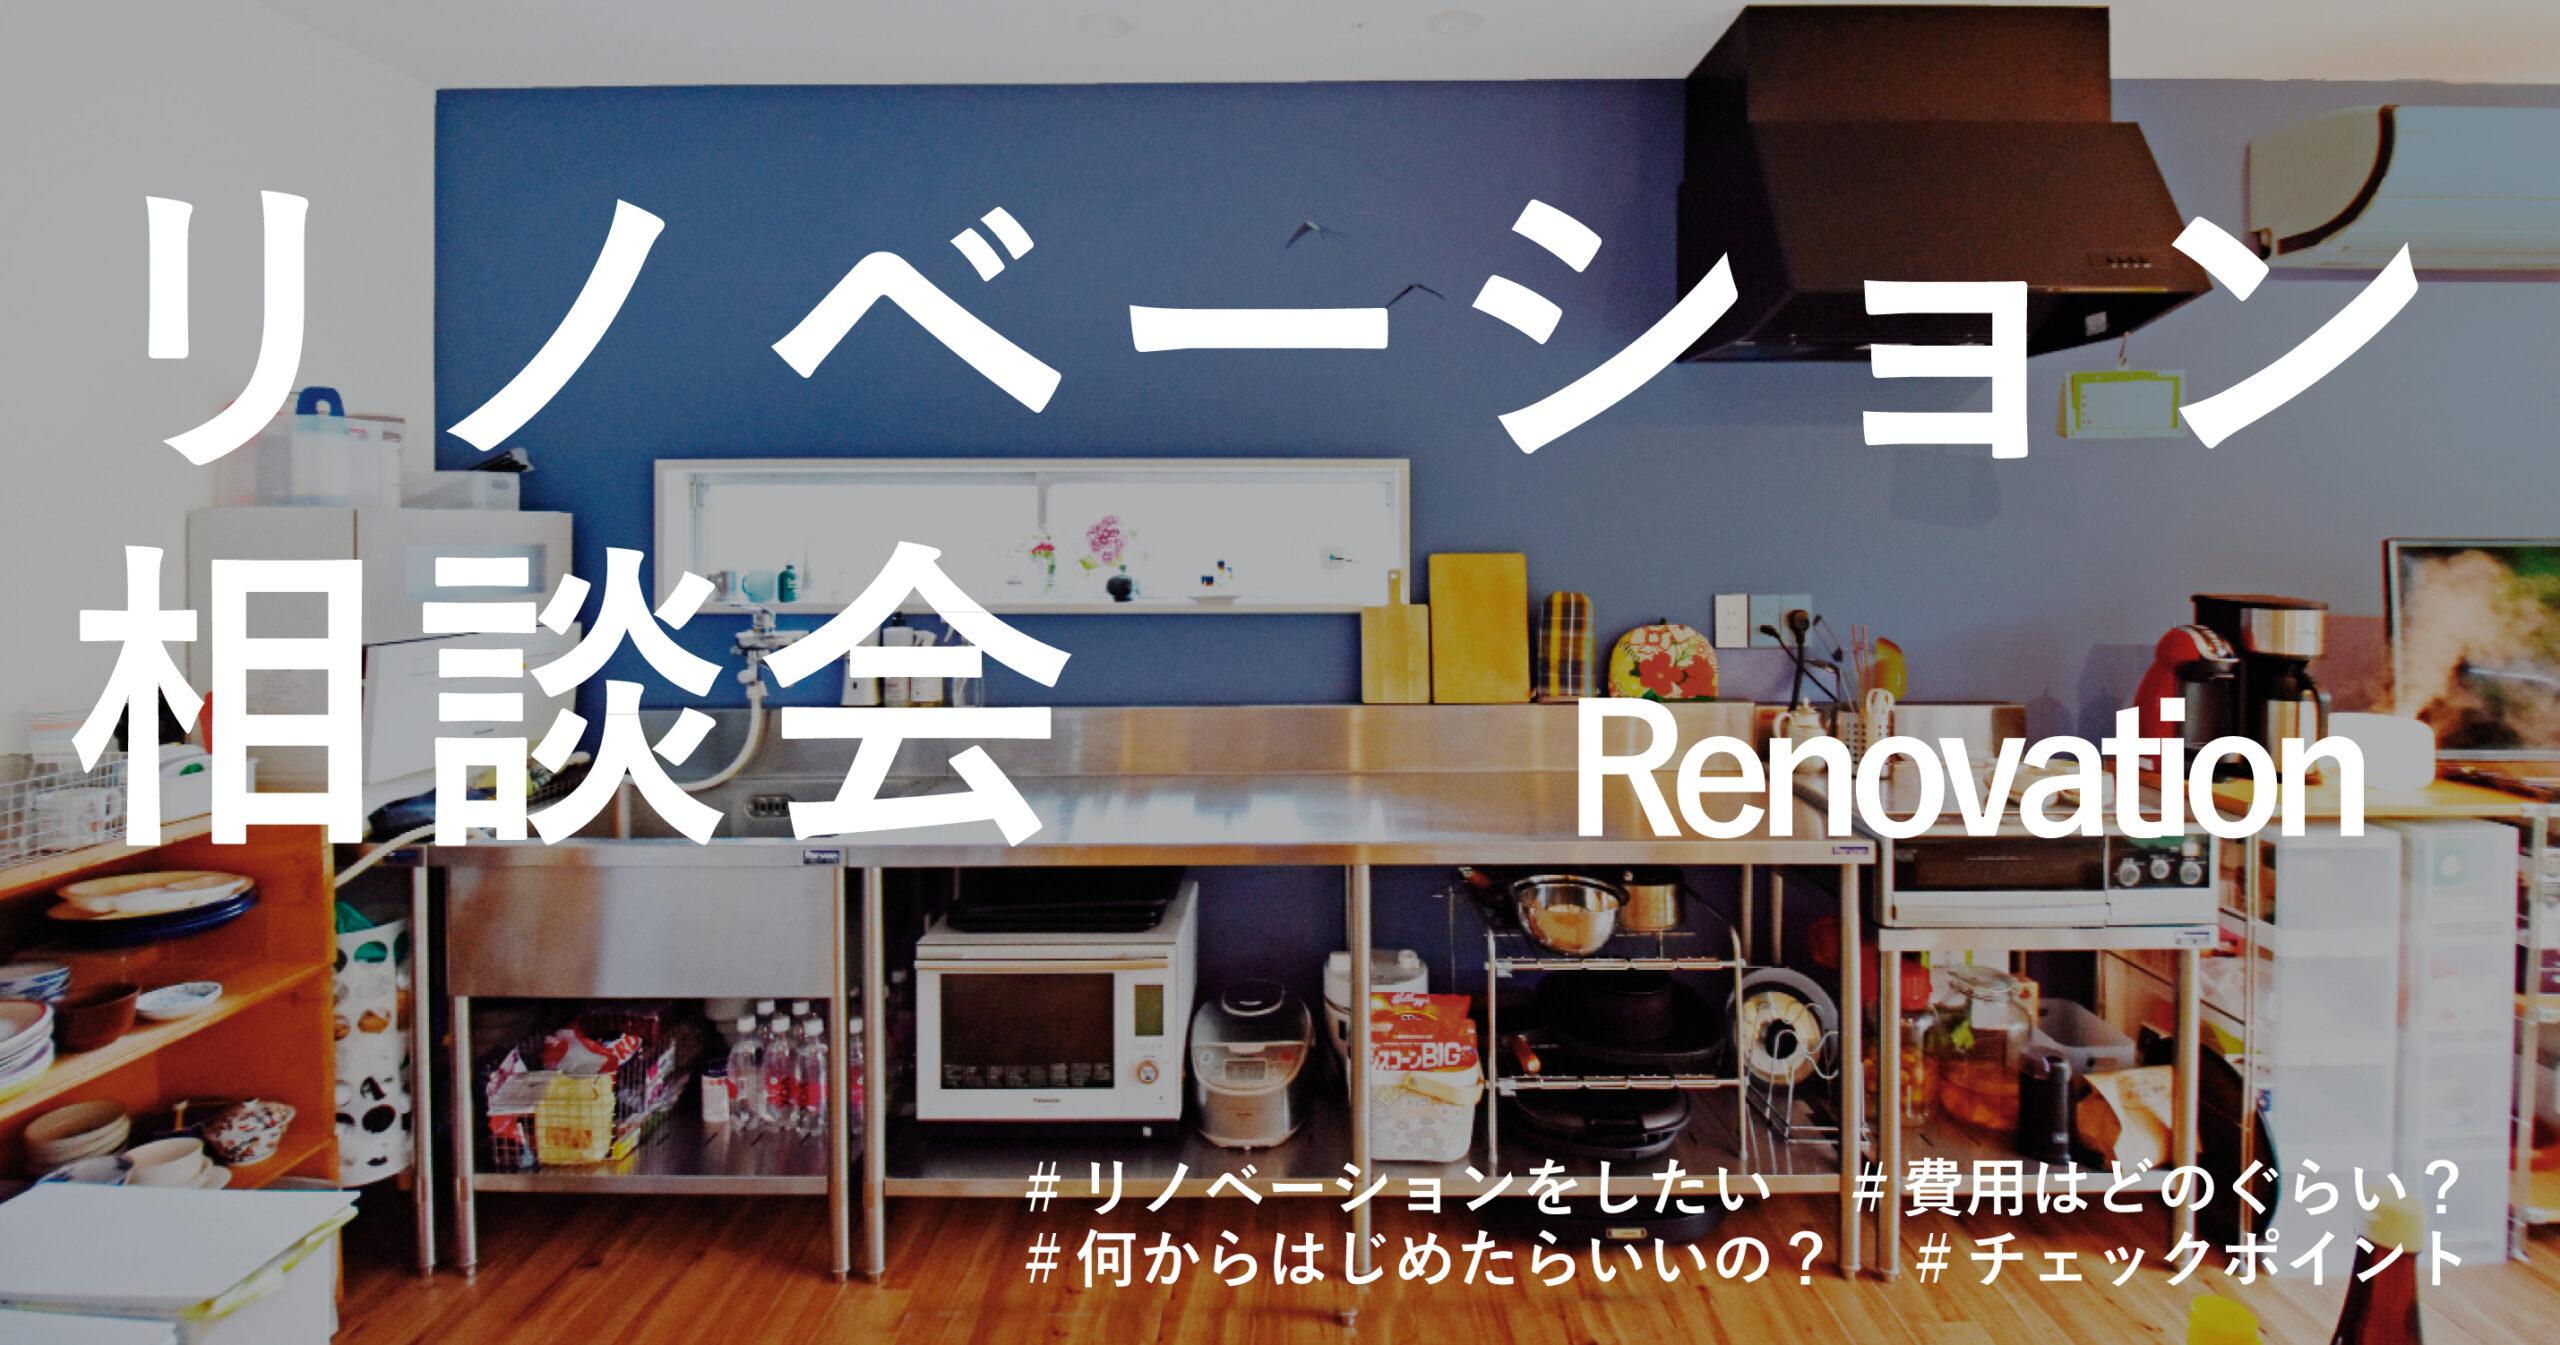 【8月9日~18日】リノベーション相談会開催!